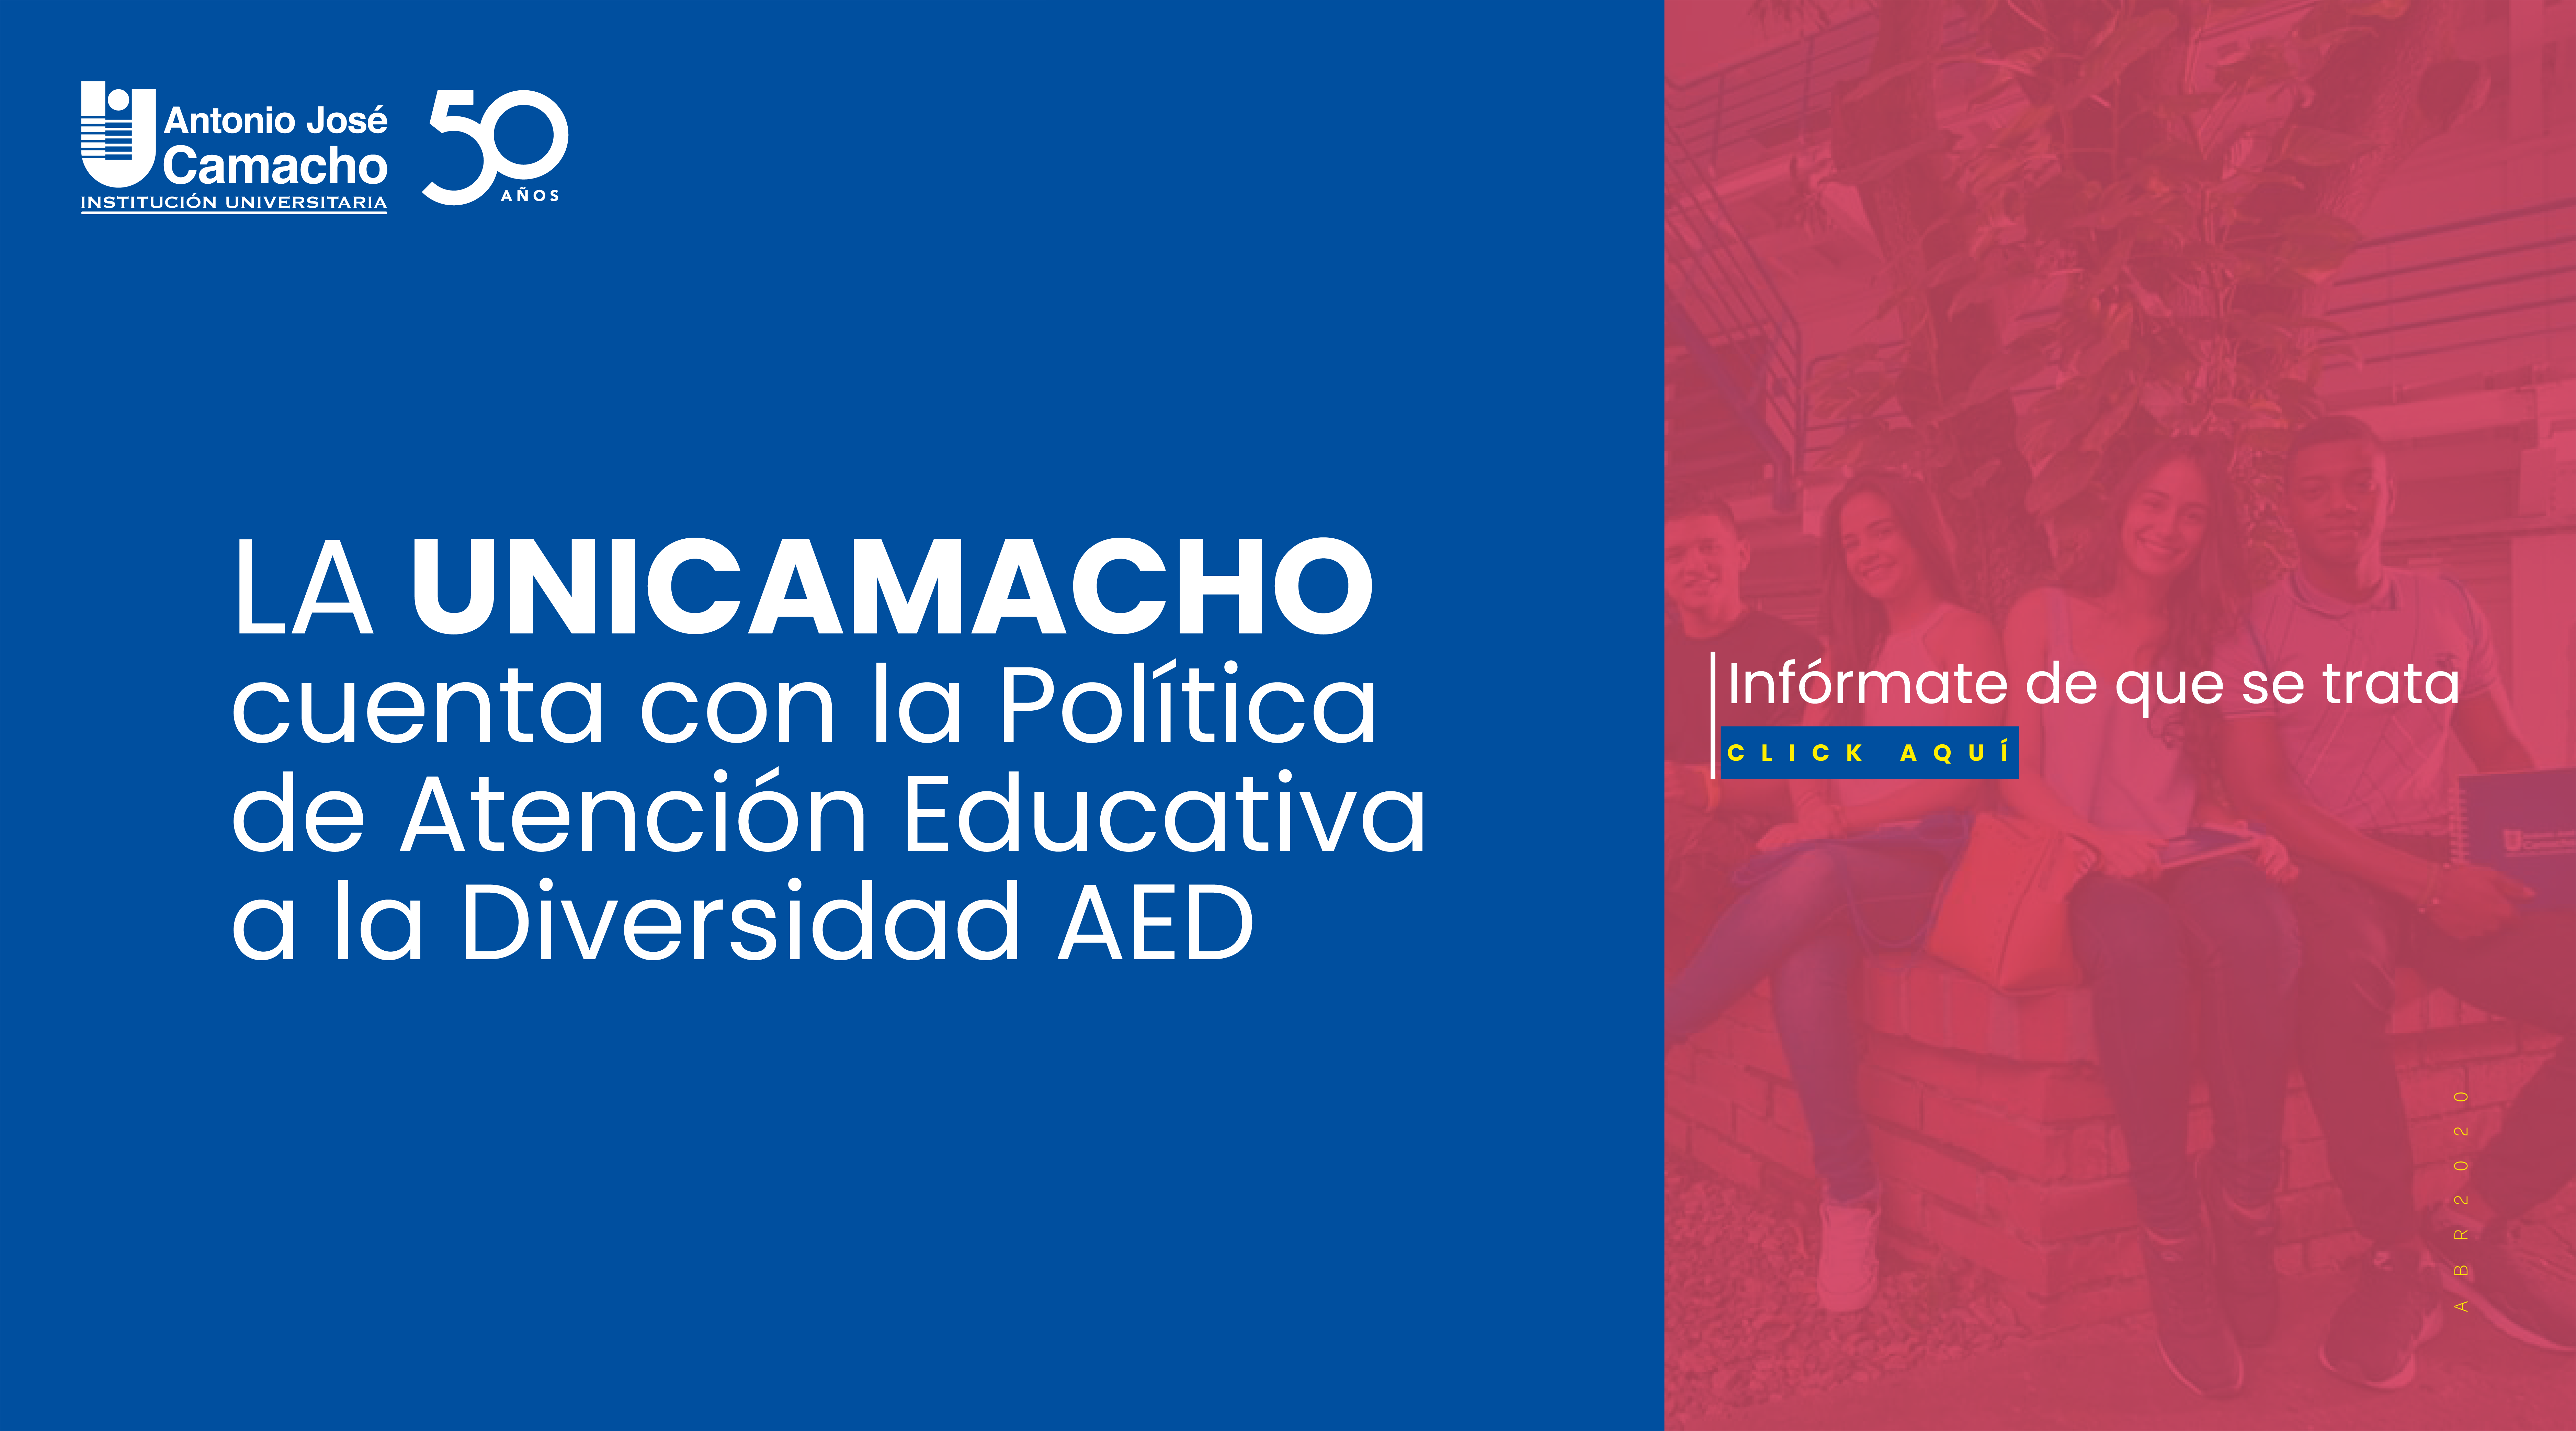 La UniCamacho cuenta con la Política de Atención Educativa a la Diversidad